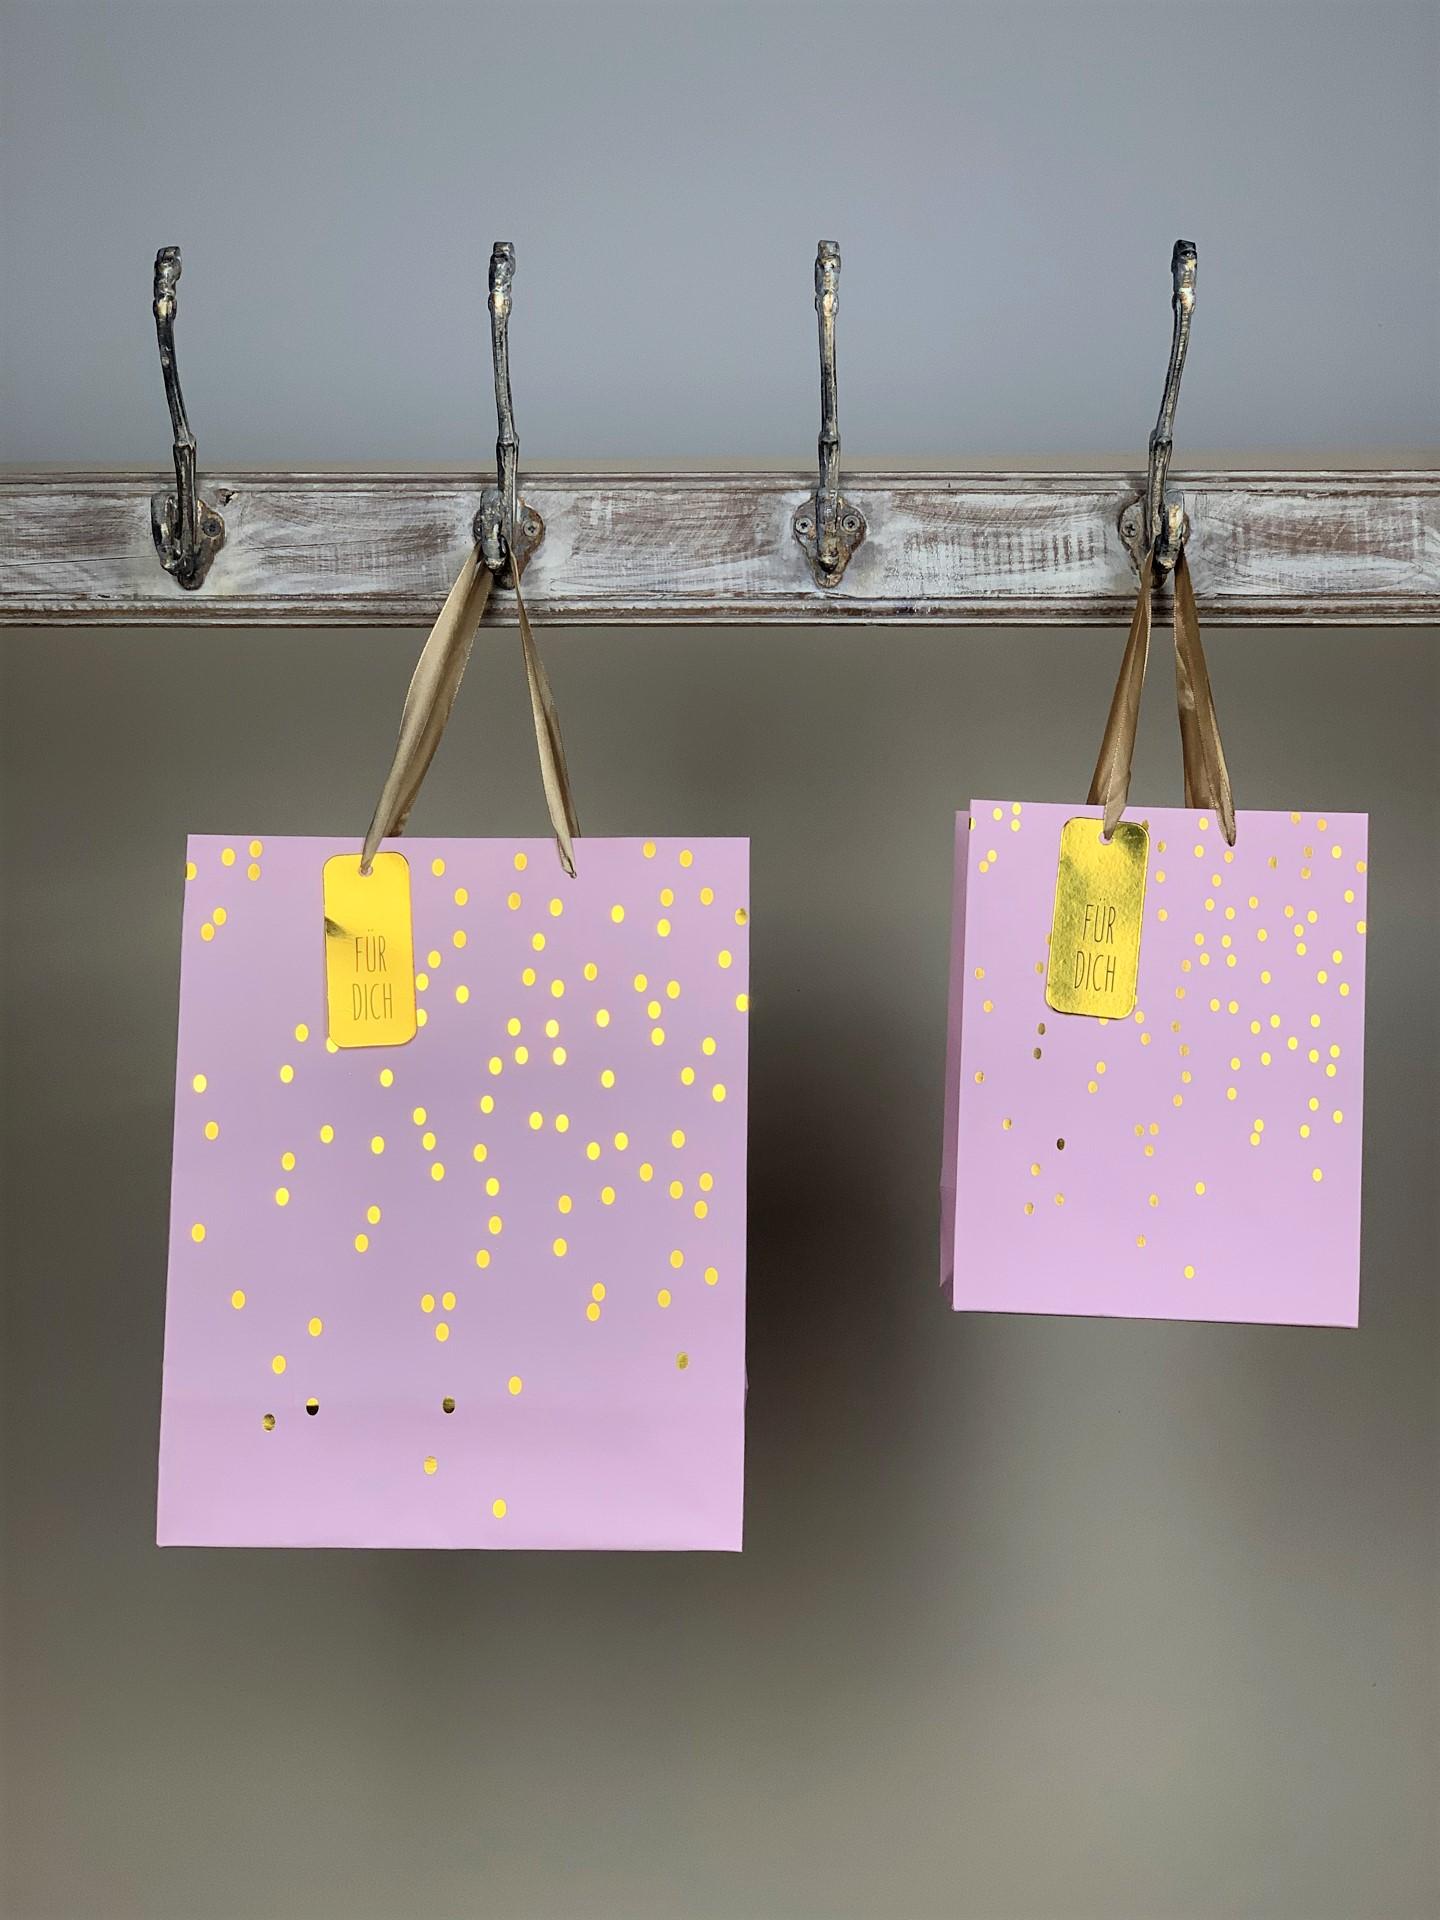 Geschenktasche gold/rosa Dots Für dich